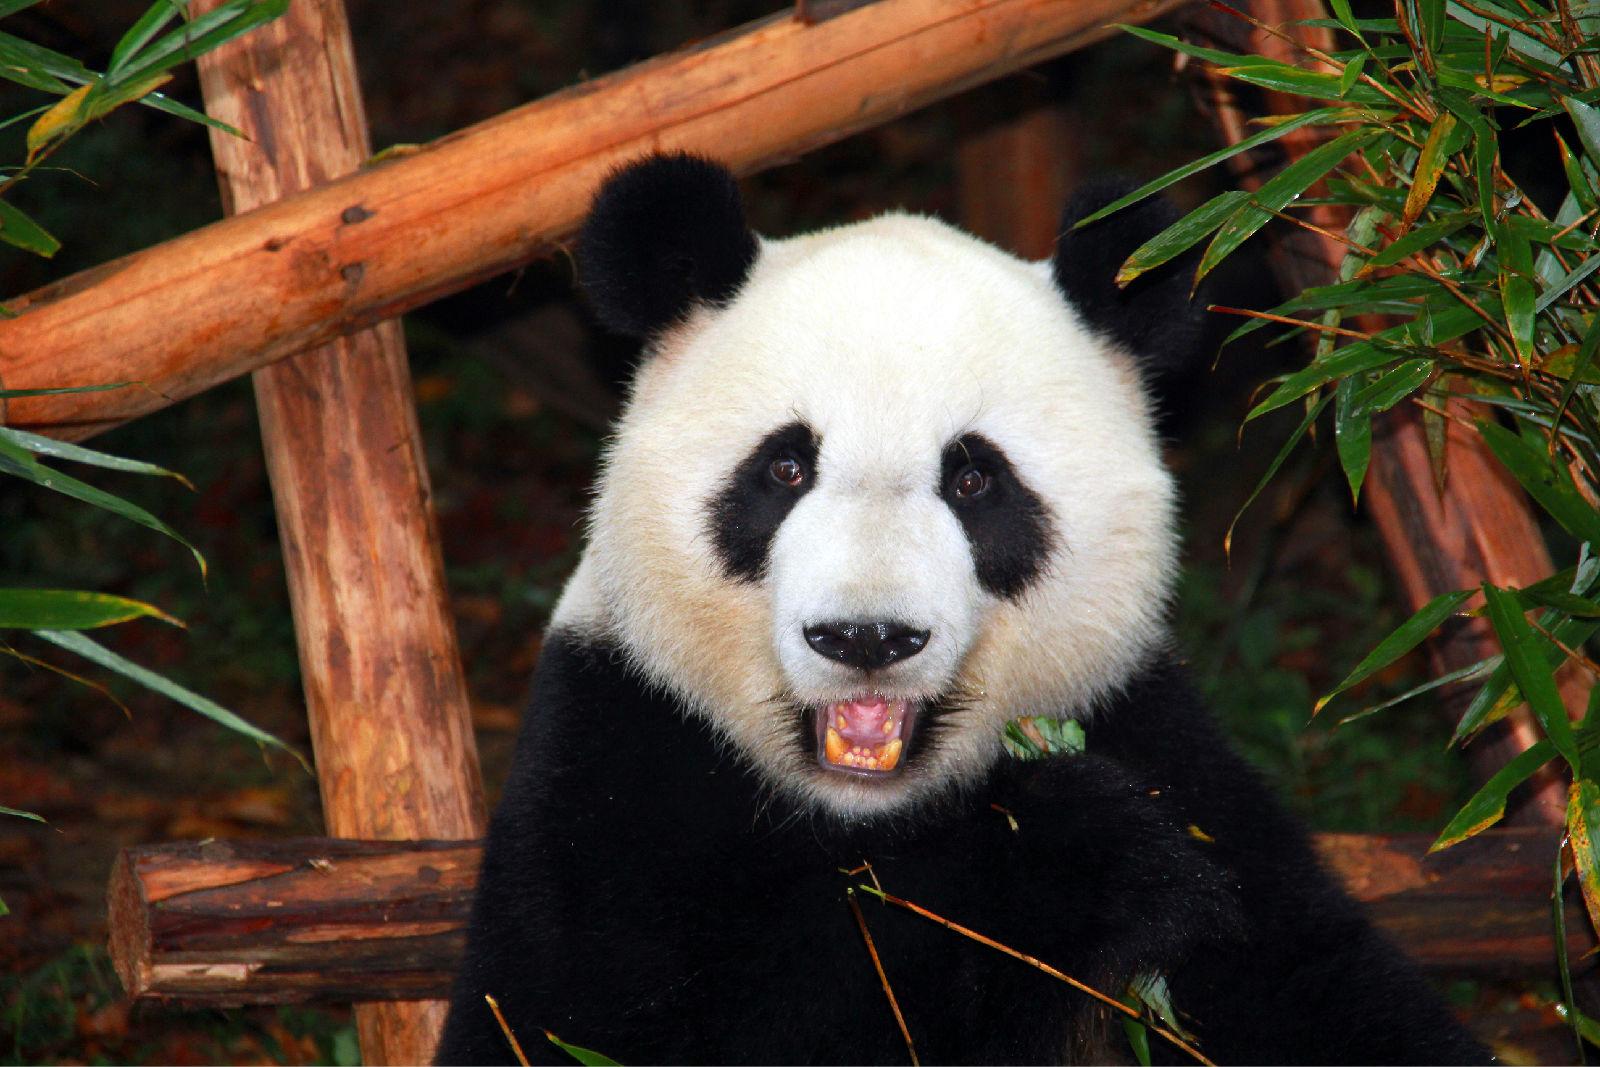 [46图]真的好有爱的地方 ,熊猫宝宝好可爱,熊猫妈妈吃竹子的样子好亲